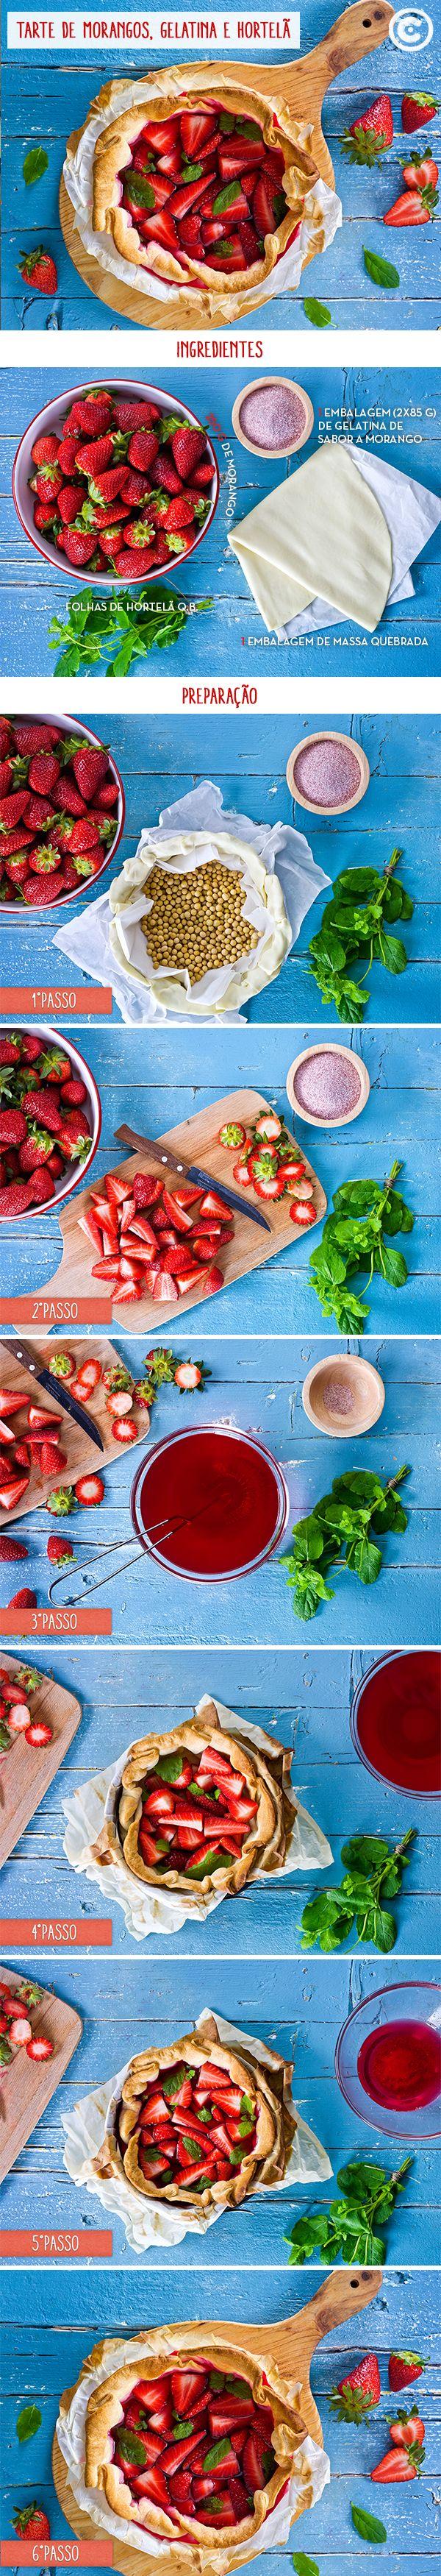 Tarte de morangos, gelatina e hortelã. A sobremesa perfeita para saborear este verão. Veja todos os passos na Continente Magazine de junho ou no Chef Continente.